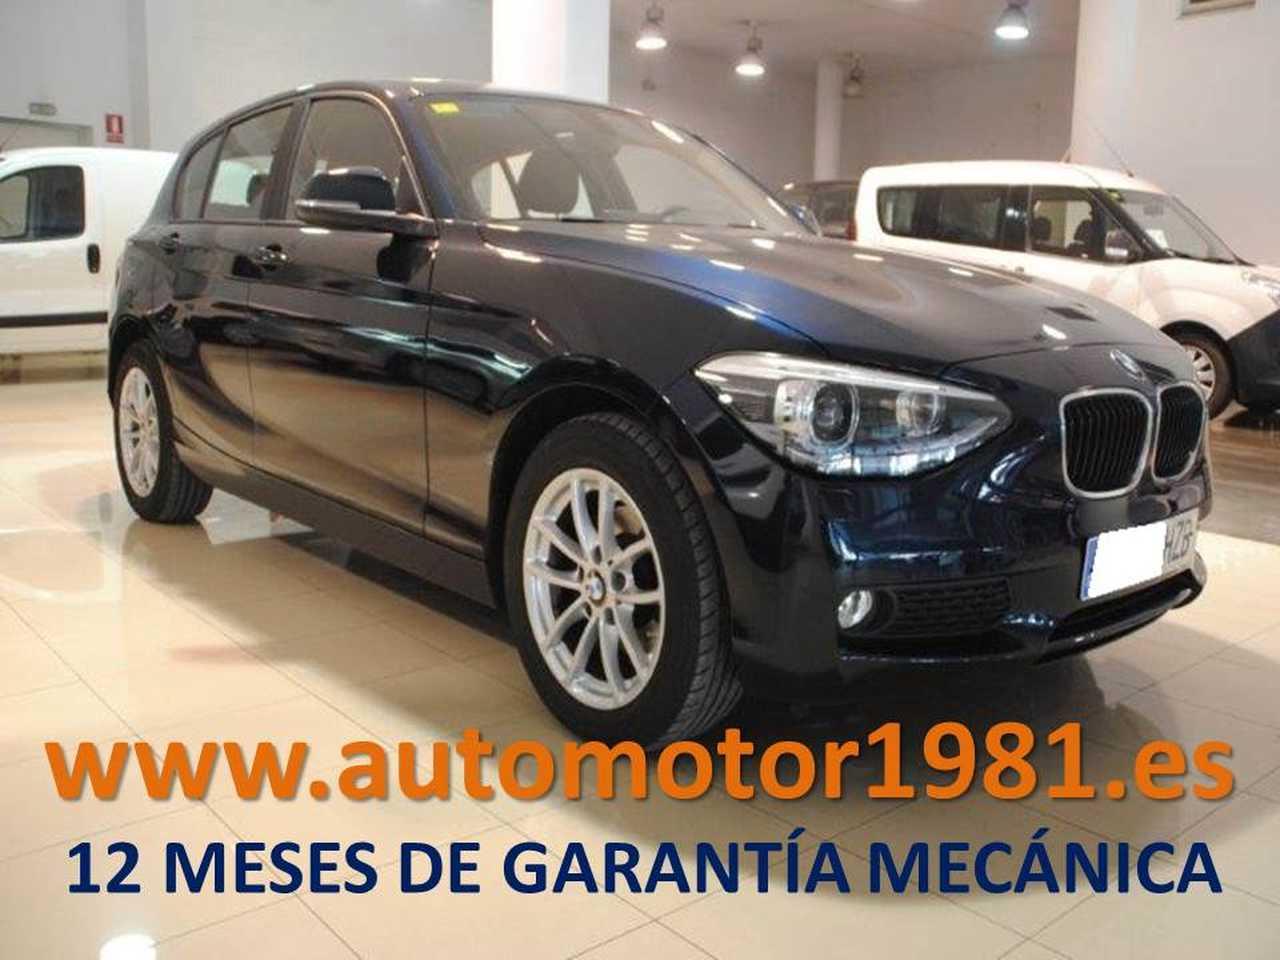 BMW Serie 1 118 d - 12 MESES GARANTIA MECANICA  - Foto 1